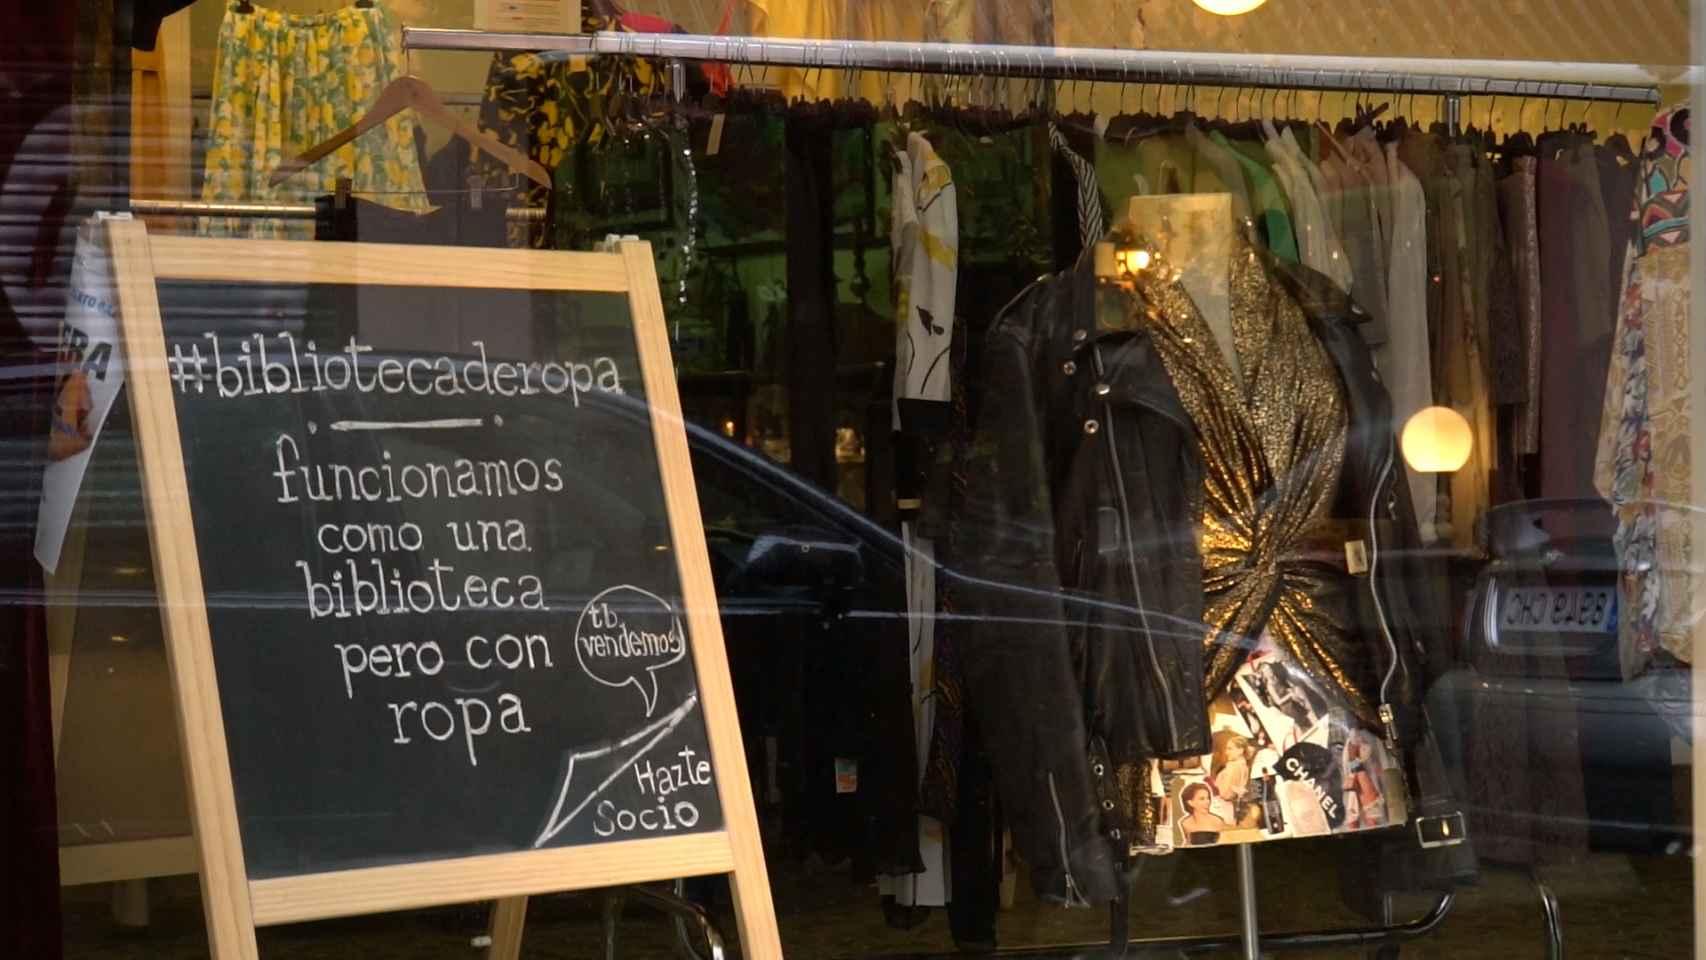 La tienda se encuentra en la Calle Santa Ana.